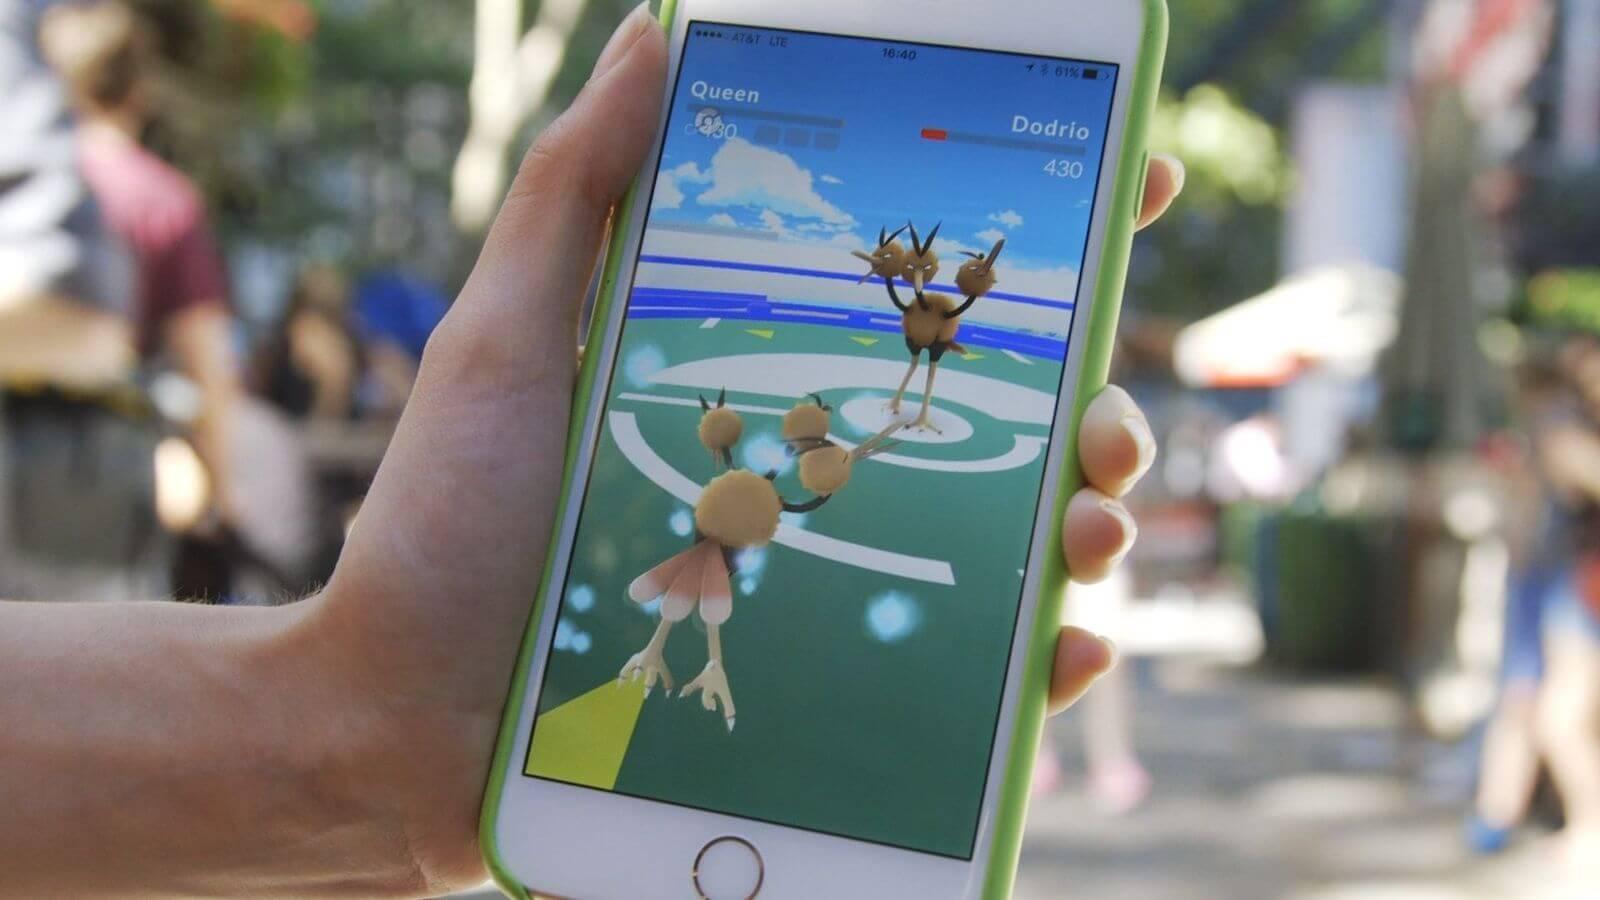 O que é Pokémon Go? É realidade aumentada fervendo no Brasil!